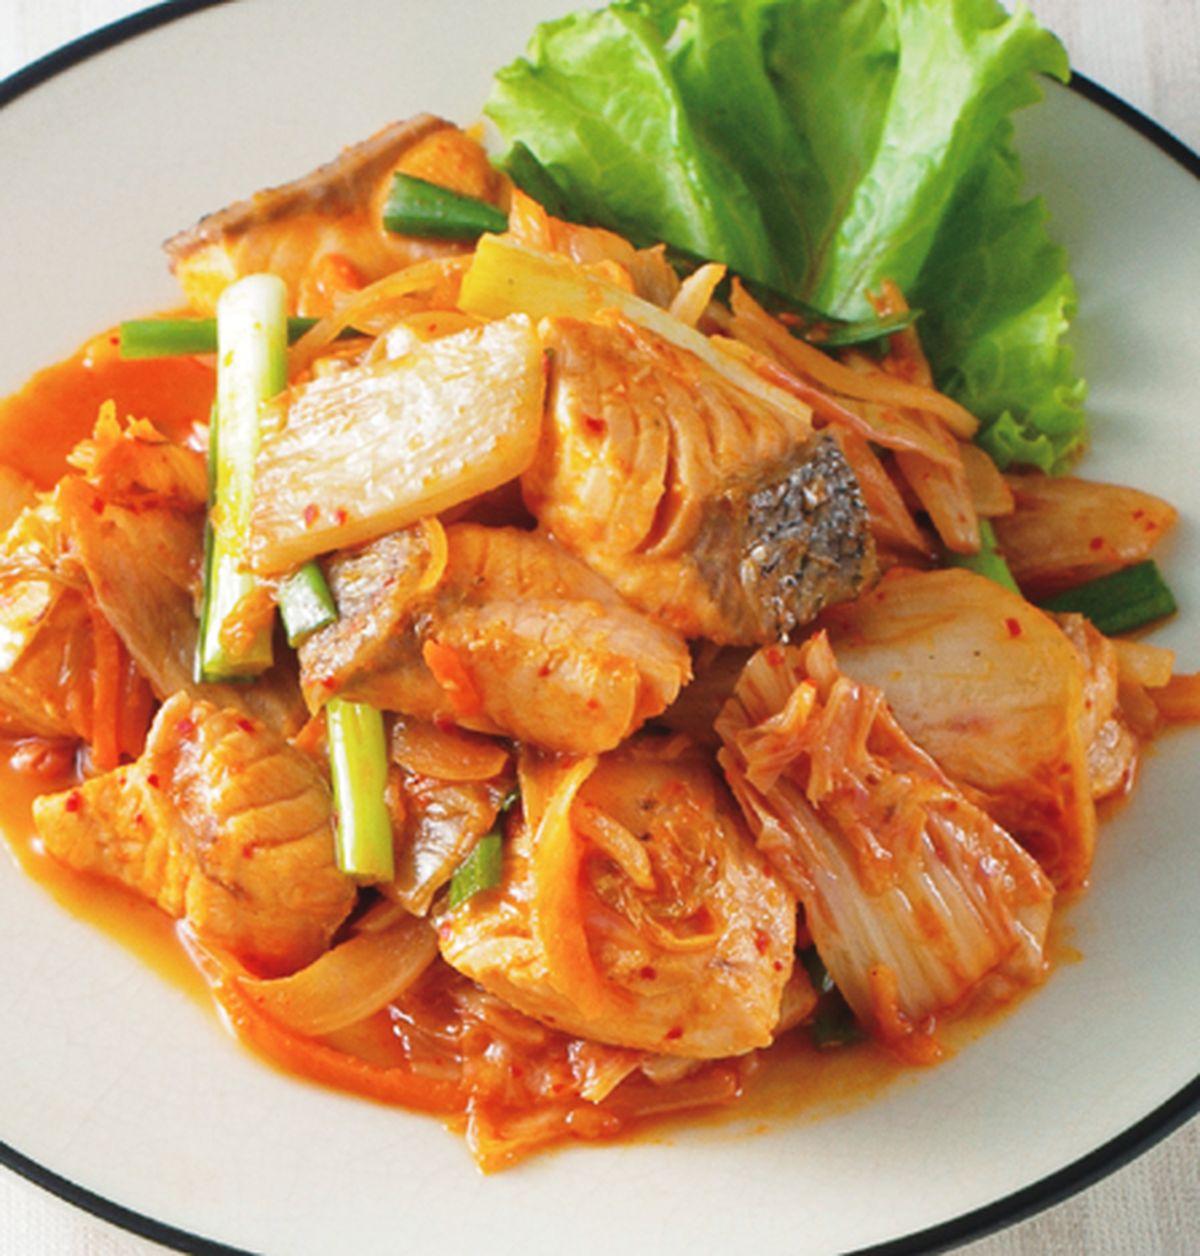 食譜:泡菜炒鮭魚塊